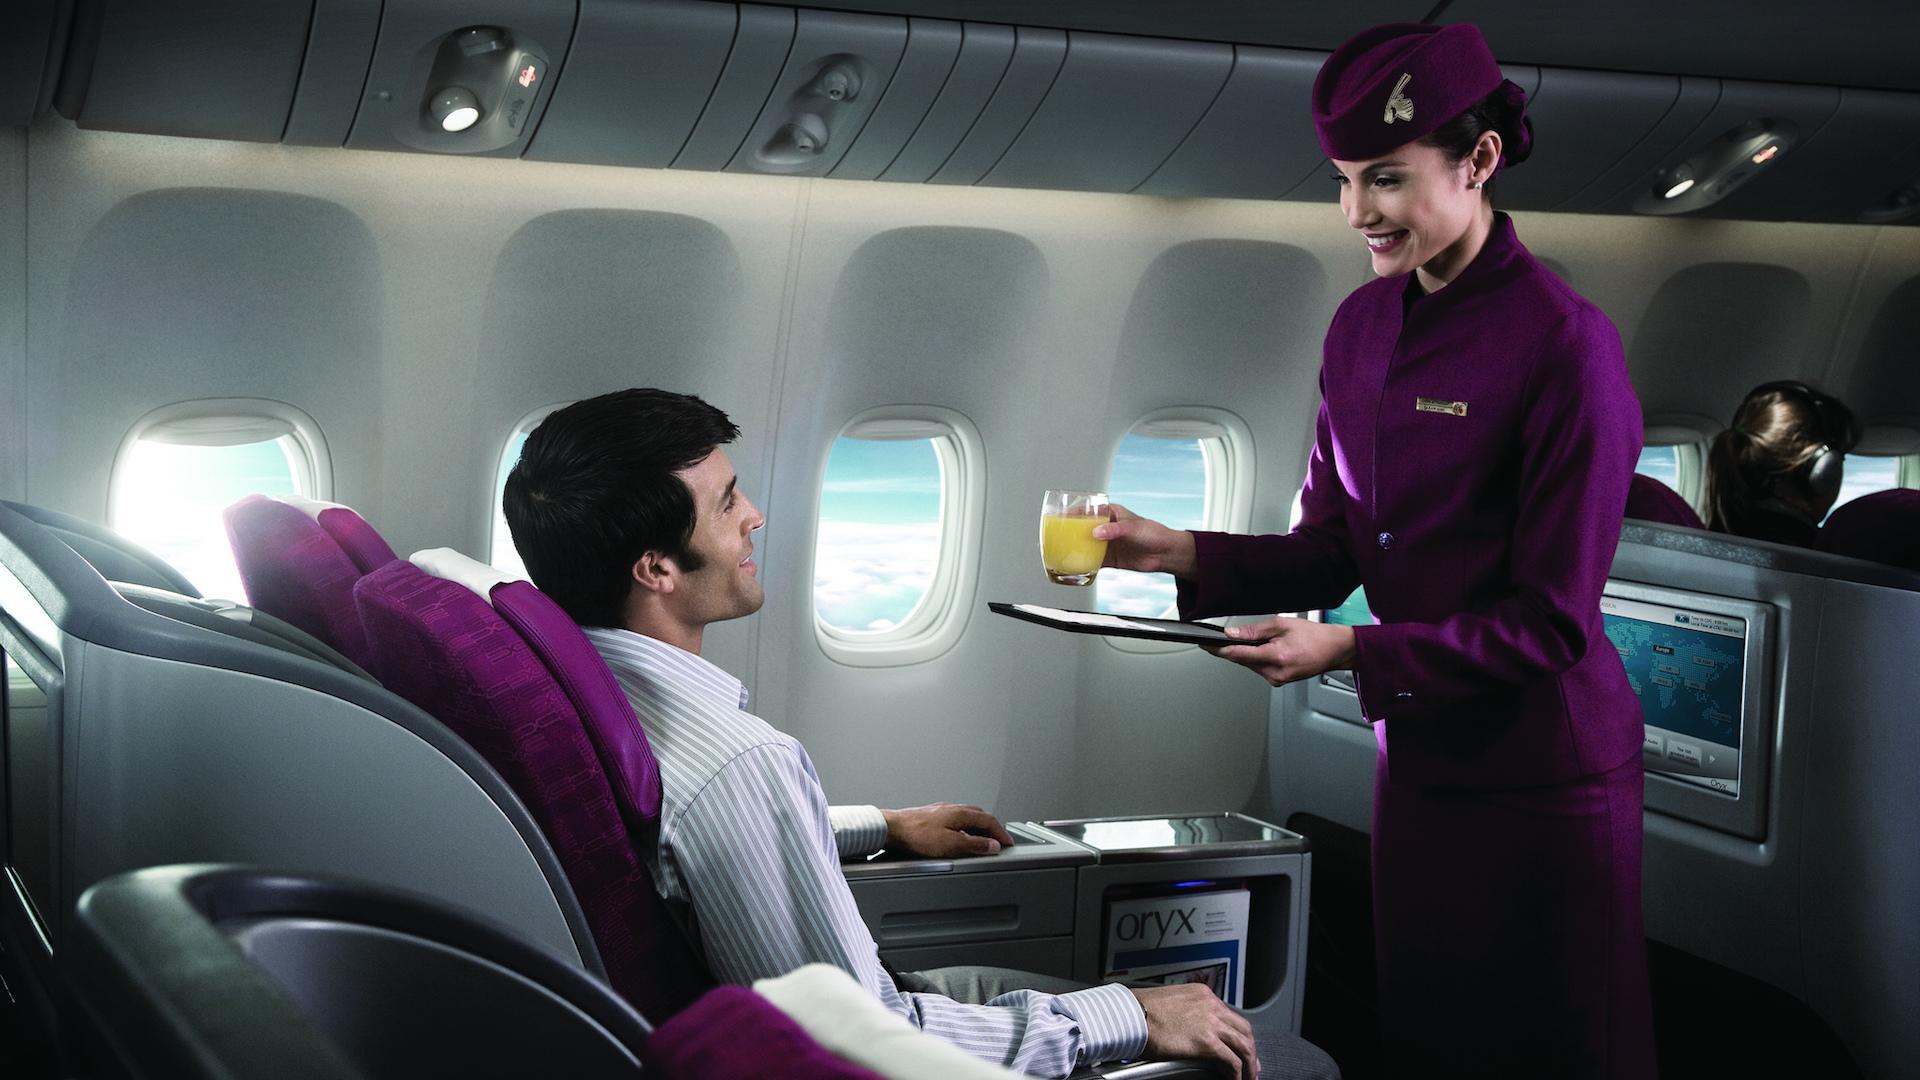 ¿Por qué es conveniente pedir comida especial en los vuelos? ¿Y por qué, quizás no?